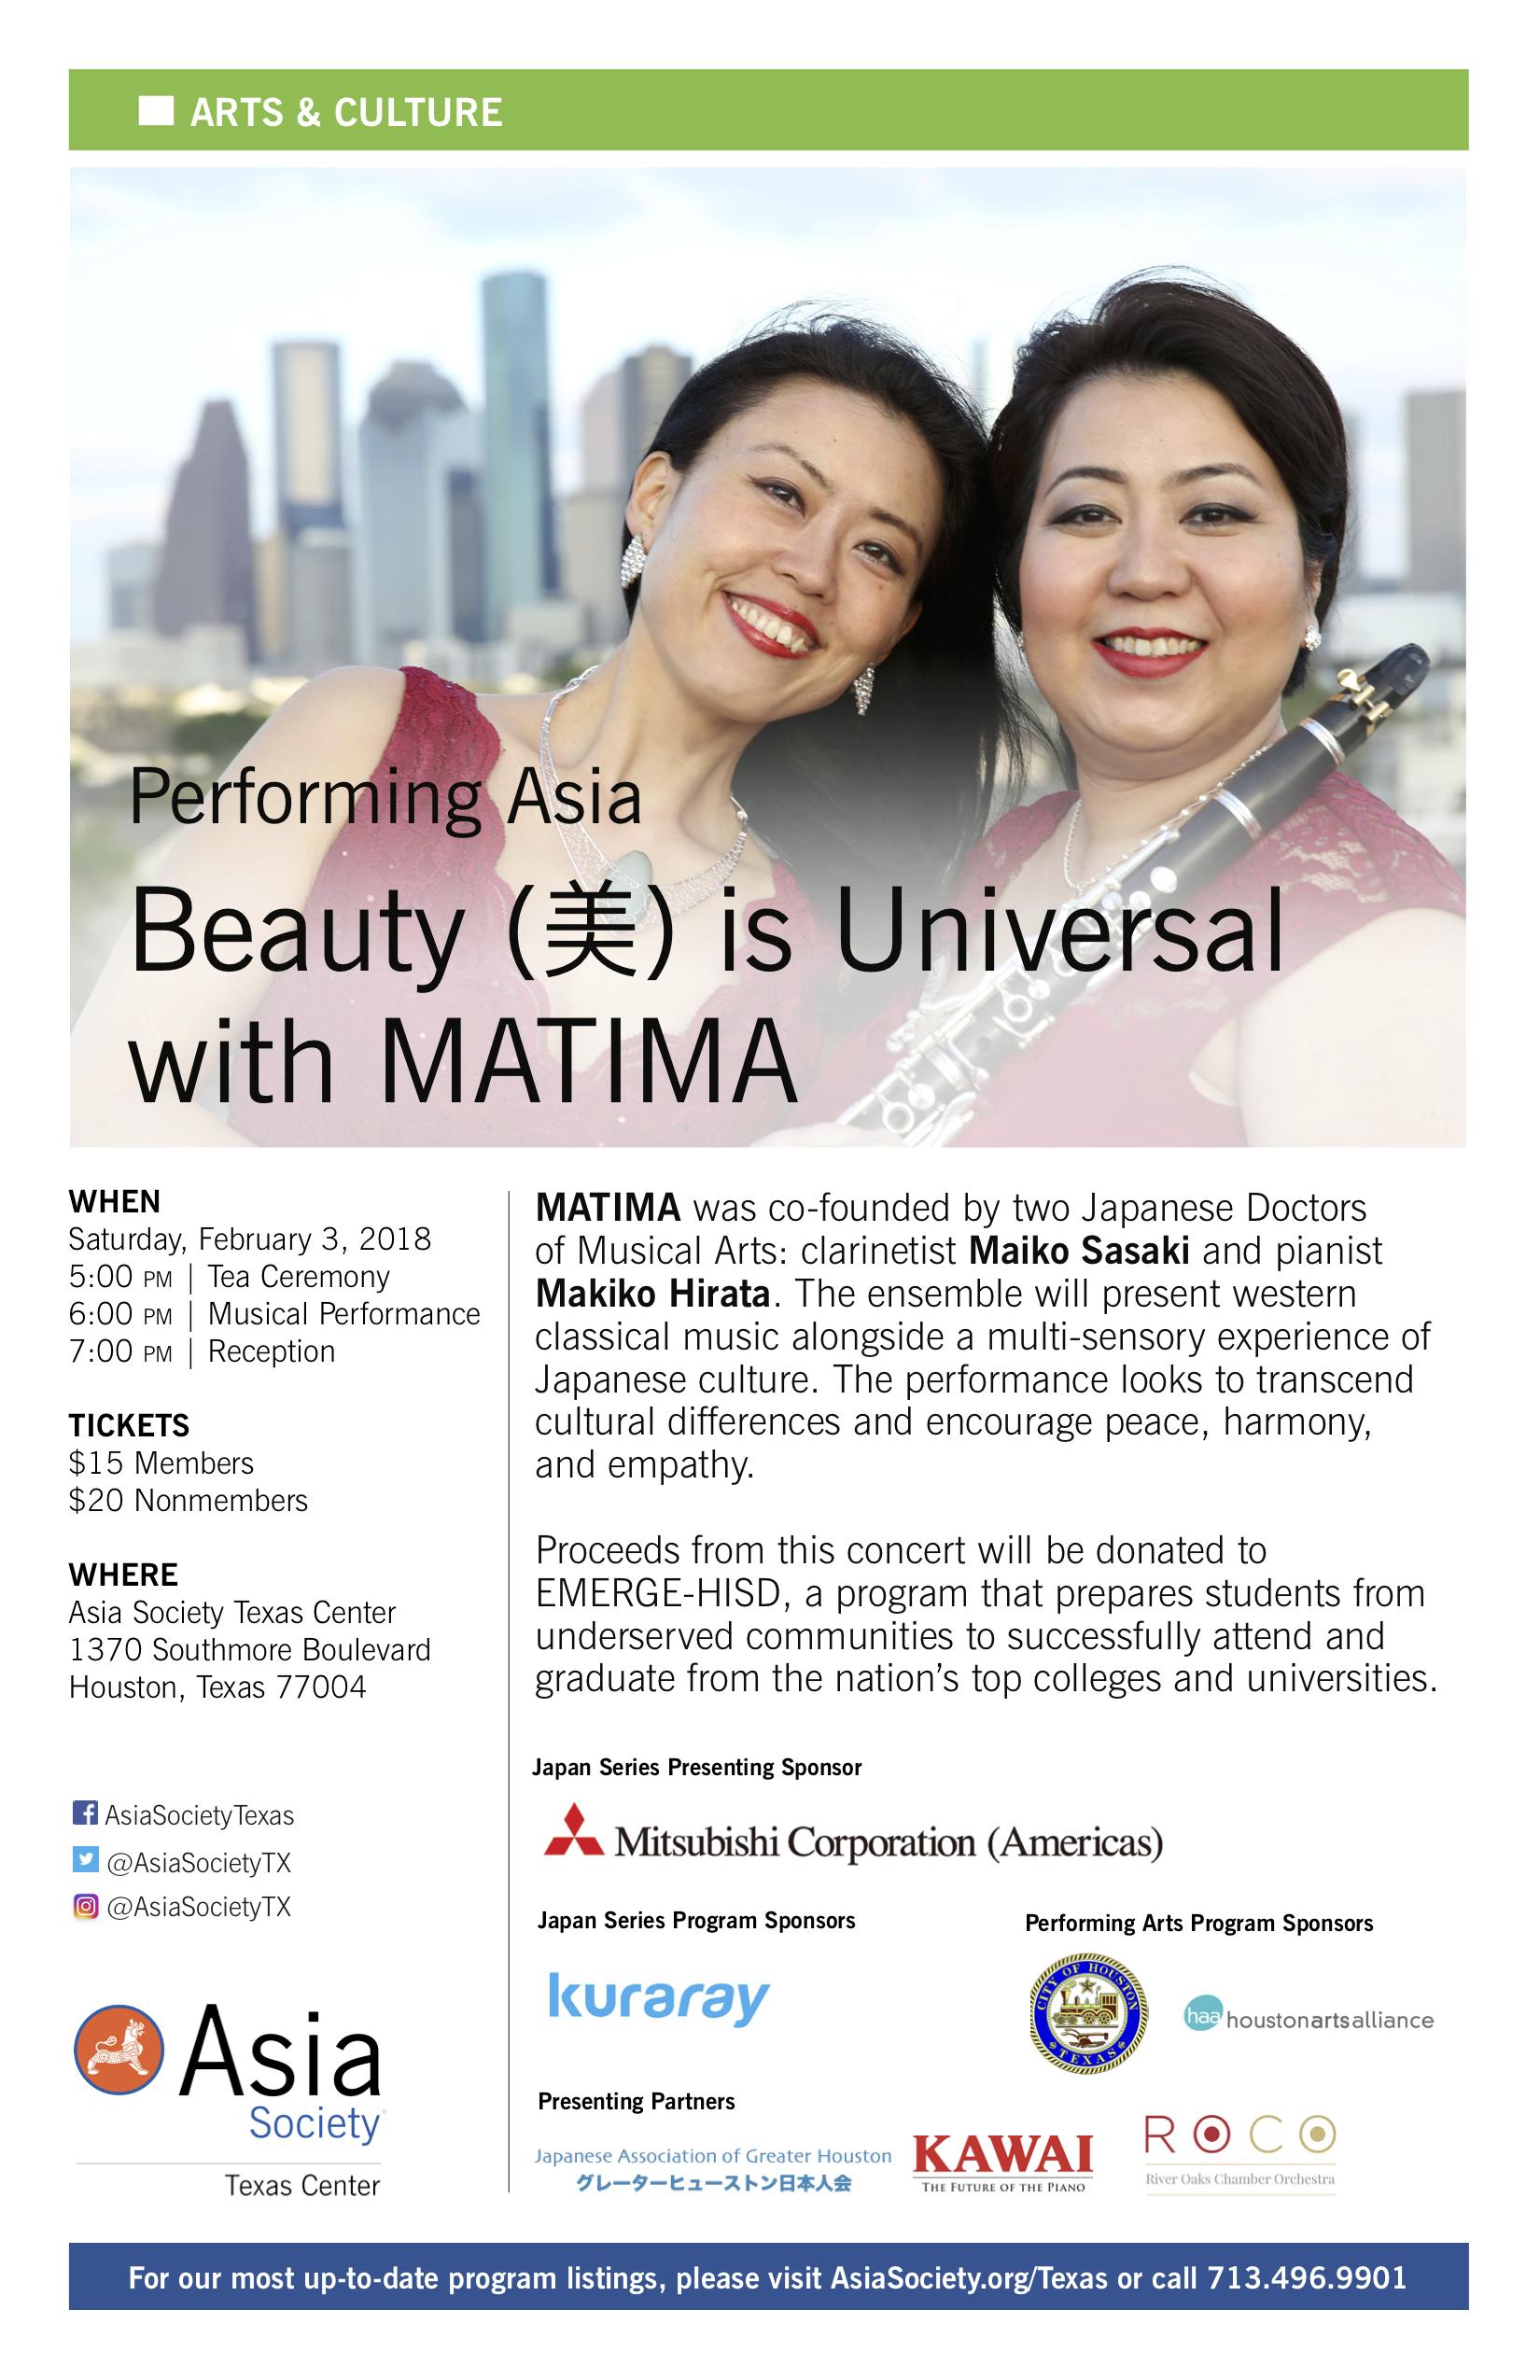 Beauty (美) is Universal